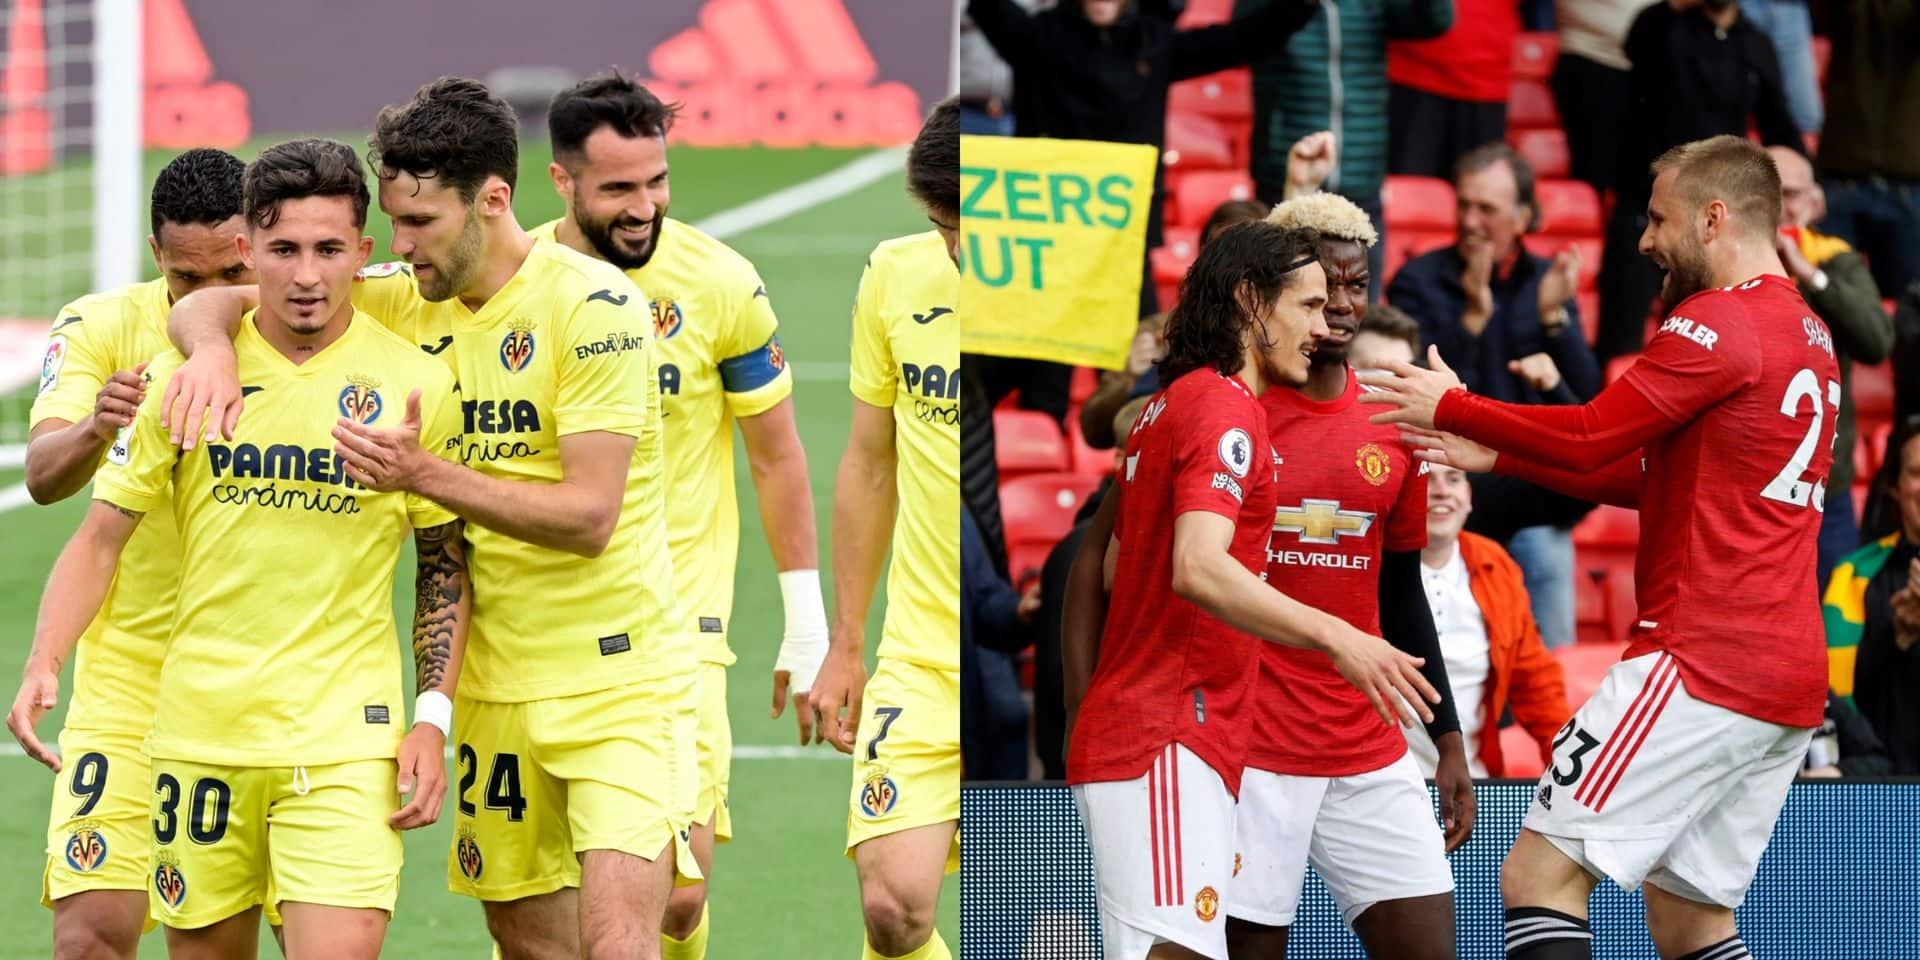 Au bout du suspense, Villarreal vient à bout de Manchester United aux tirs au but et remporte l'Europa League (1-1, t.a.b. 11-10)